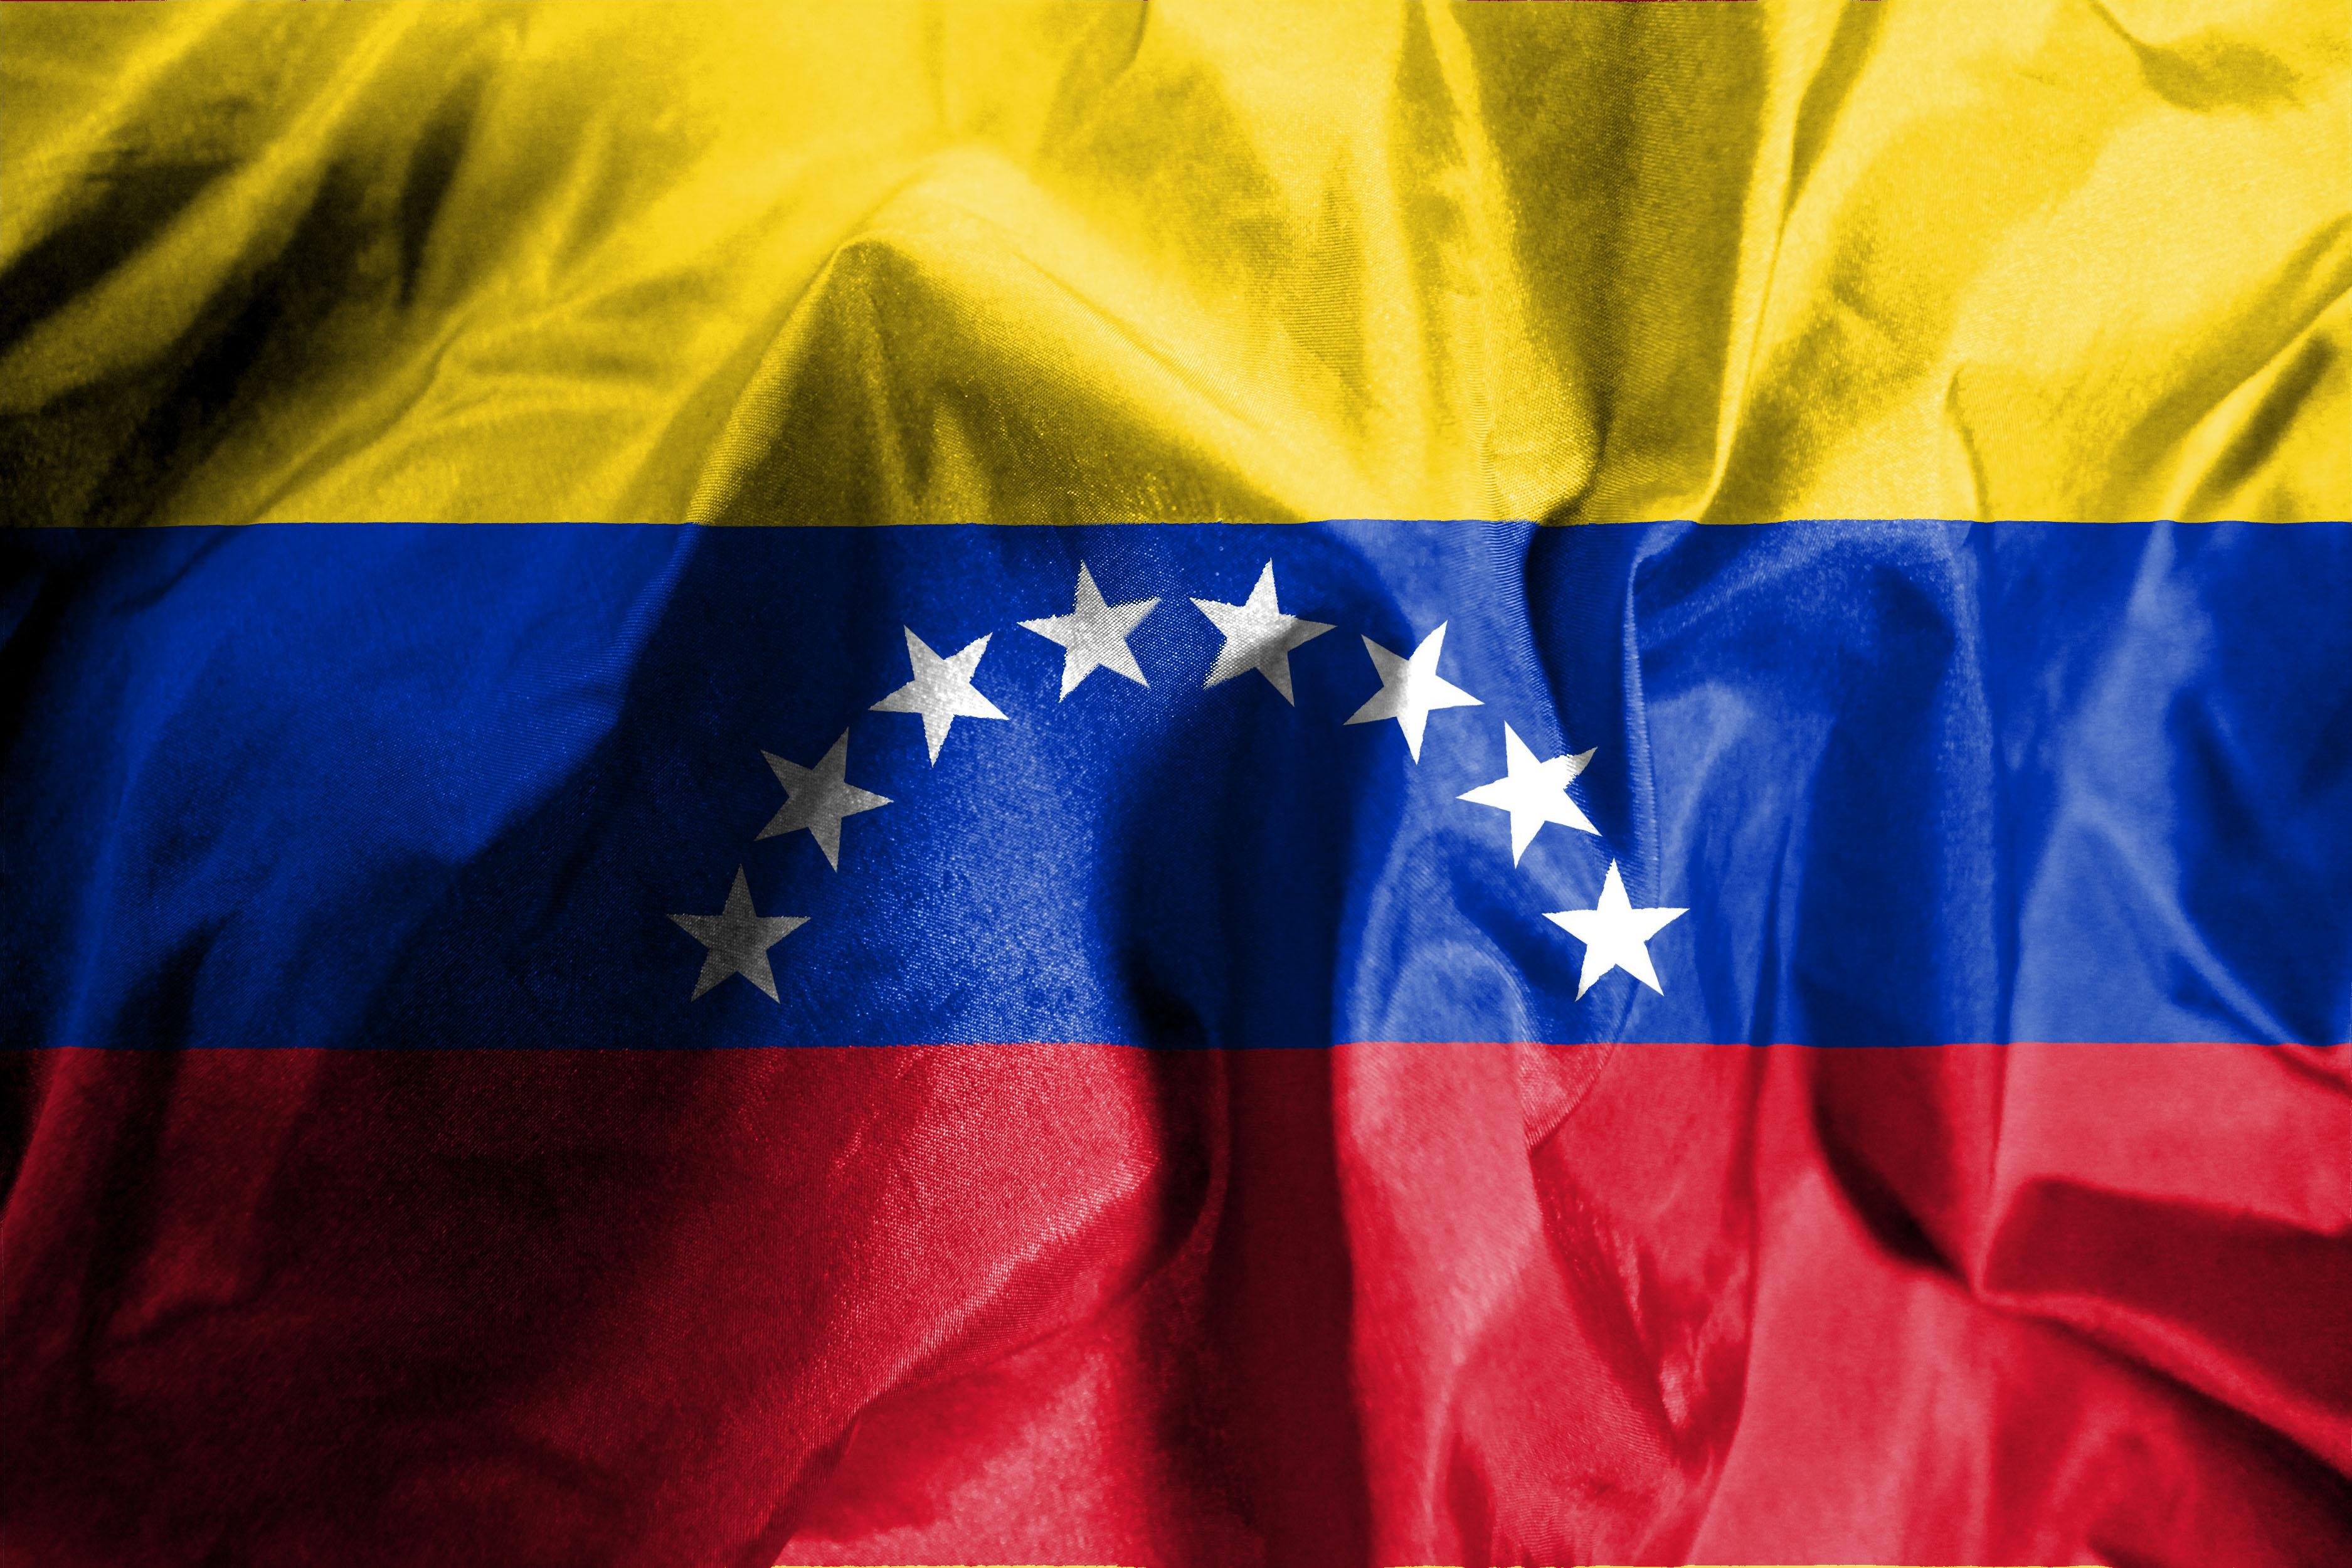 ONG diz que mais de 250 presos políticos foram torturados na Venezuela